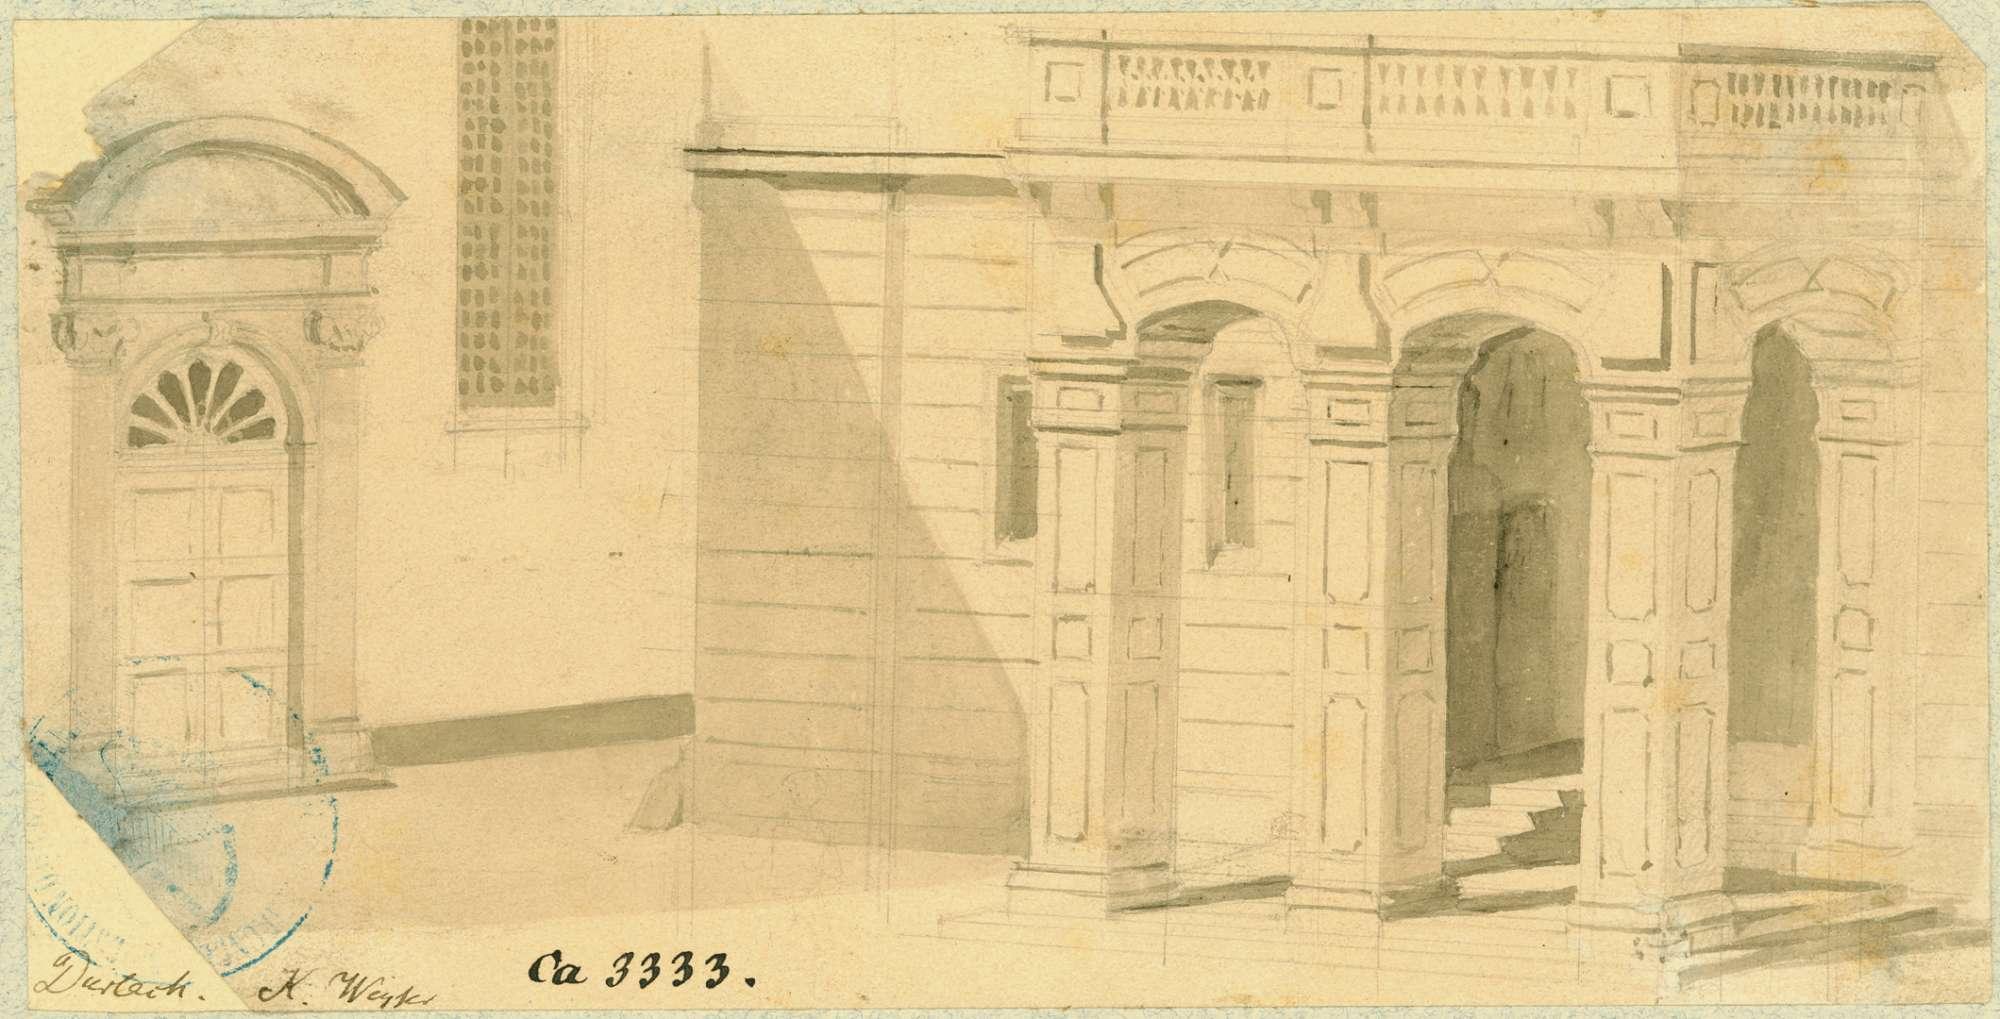 Durlach Rathausvorhalle, Bild 1